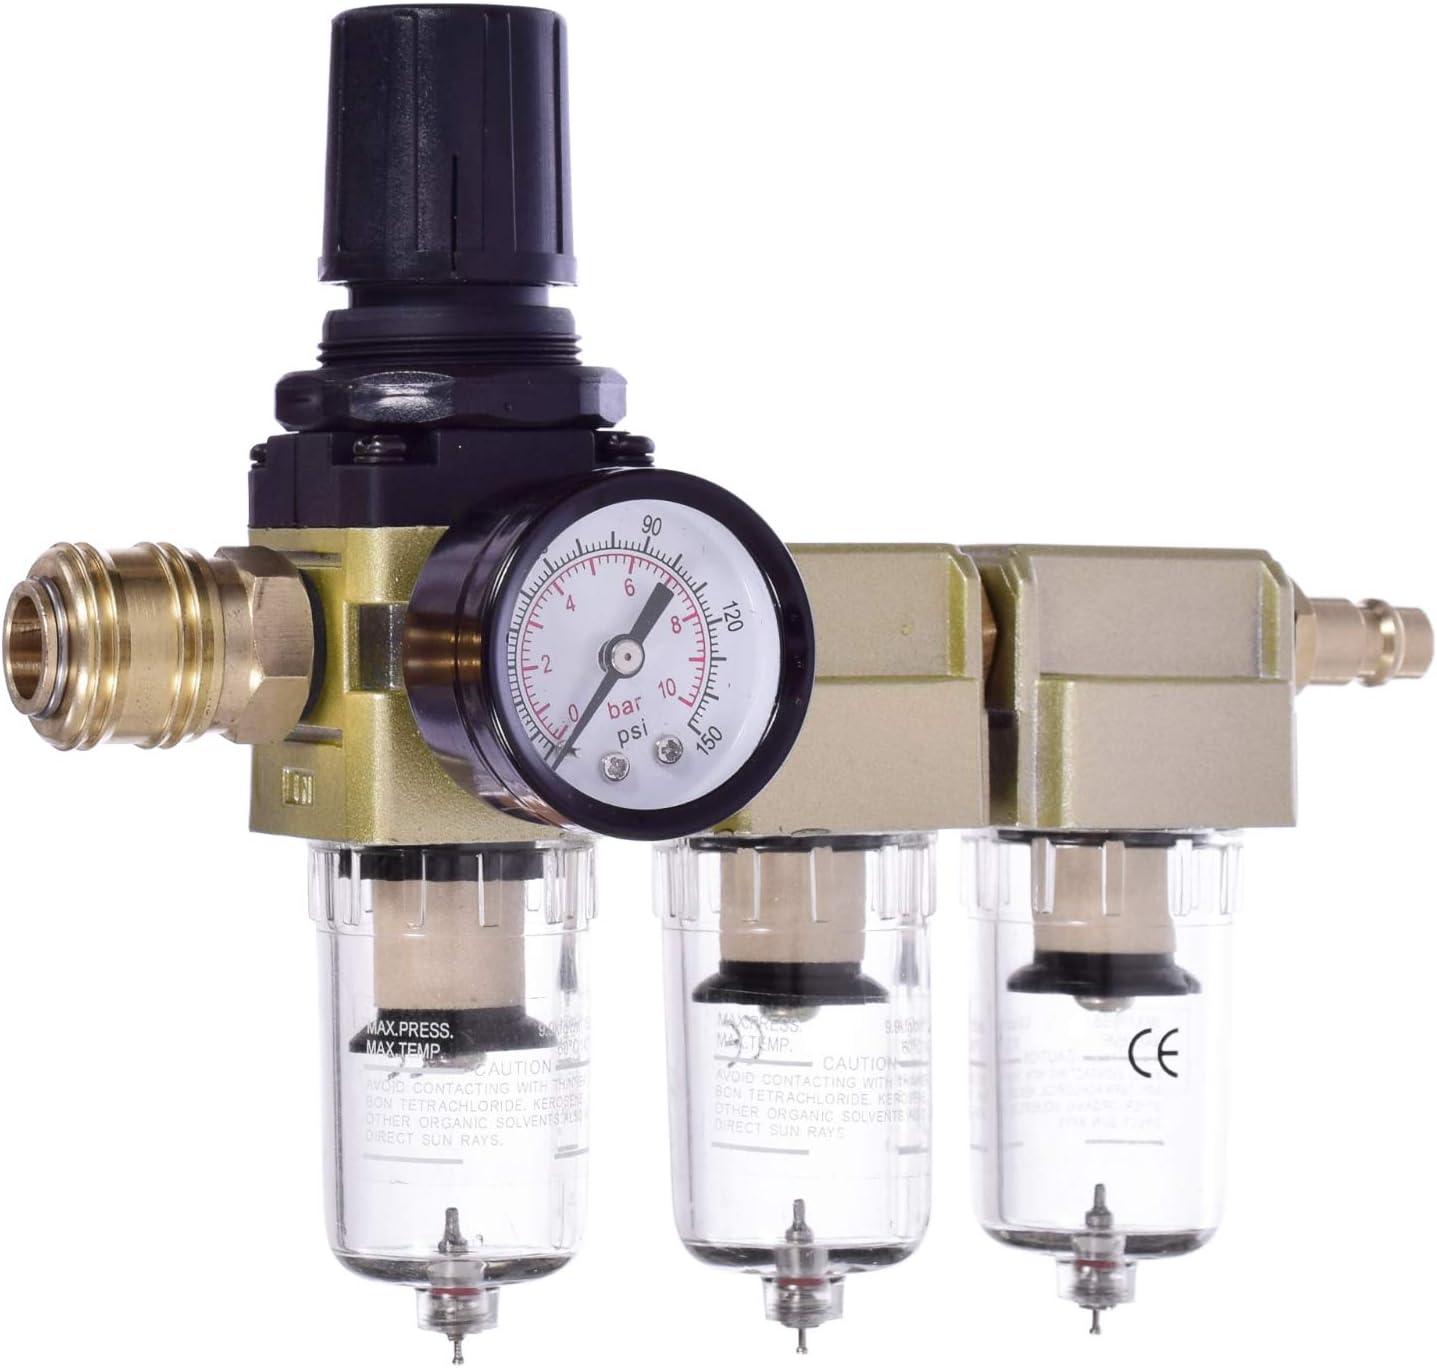 1//2 R/égulateur de Pression dAir Air Filtre R/égulateur Pression dEau Compresseur S/éparateur dHuile Piege a Huile Raccord rapide